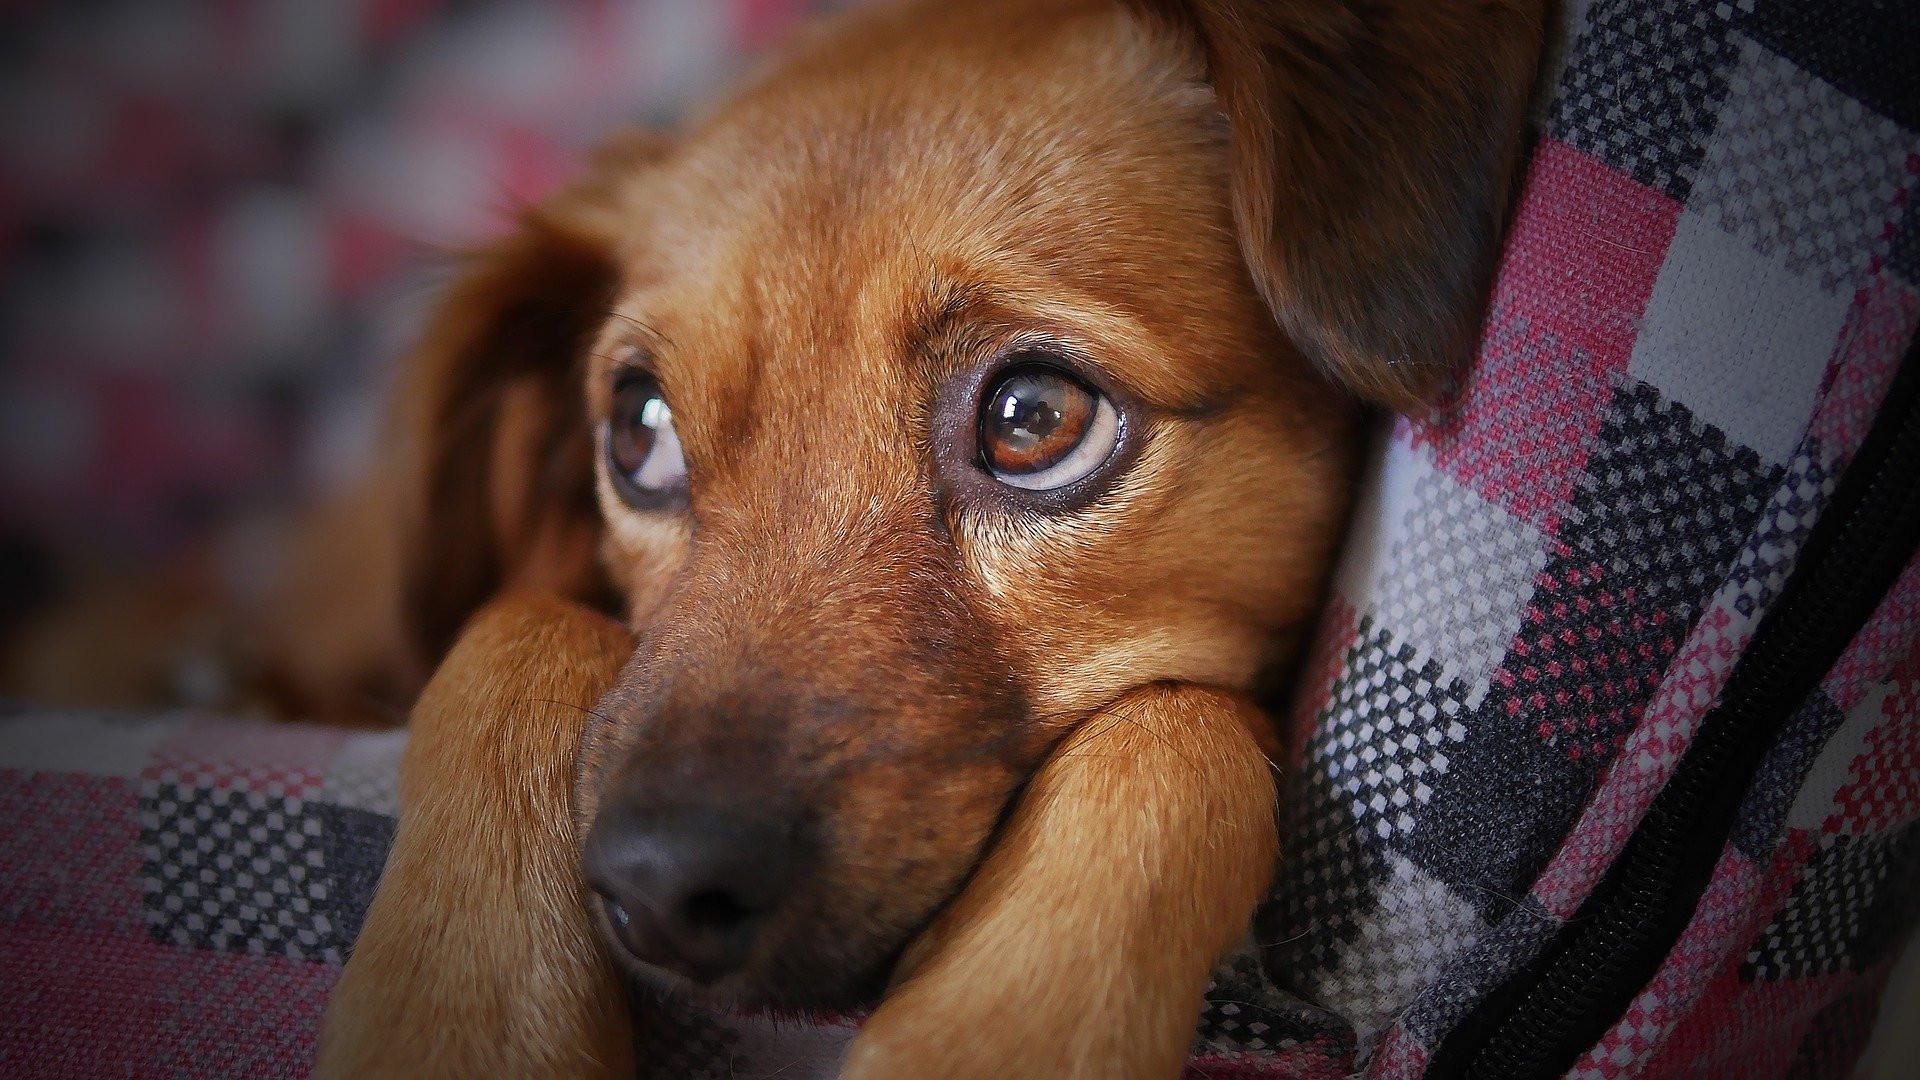 Éliminez les odeurs d'animaux de votre maison!